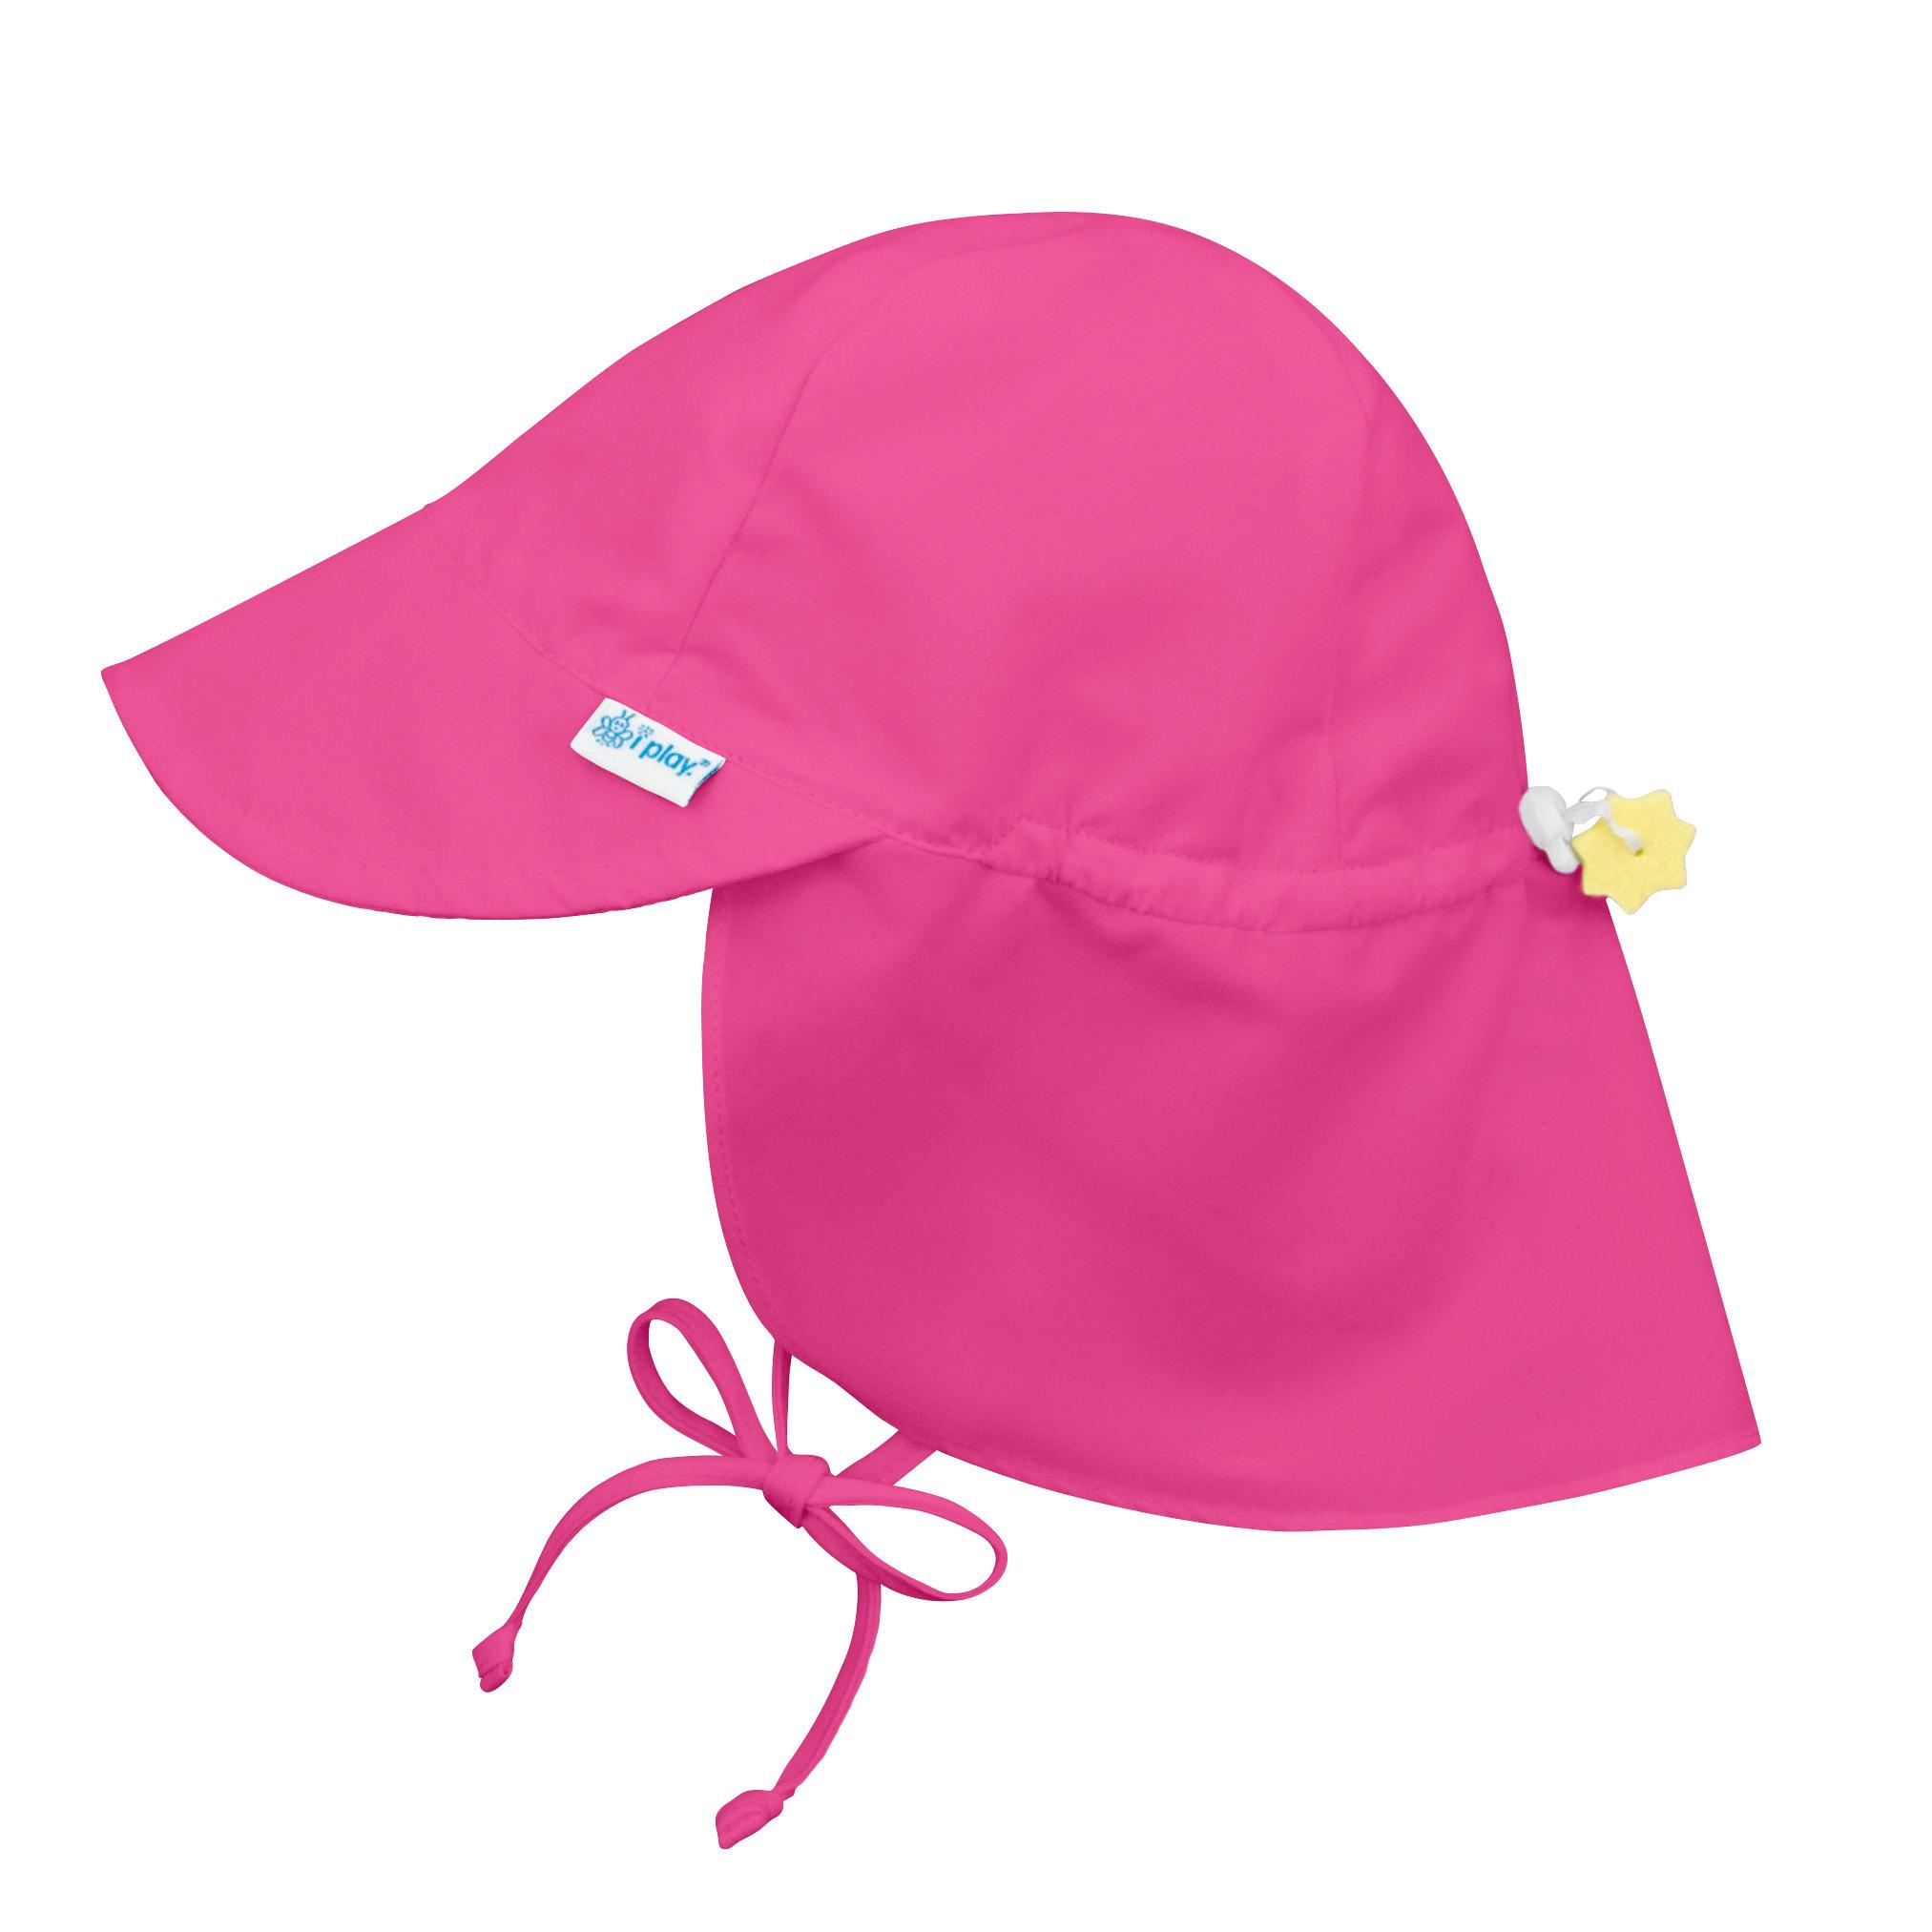 Sombrero Solid Flap Fucsia Iplay